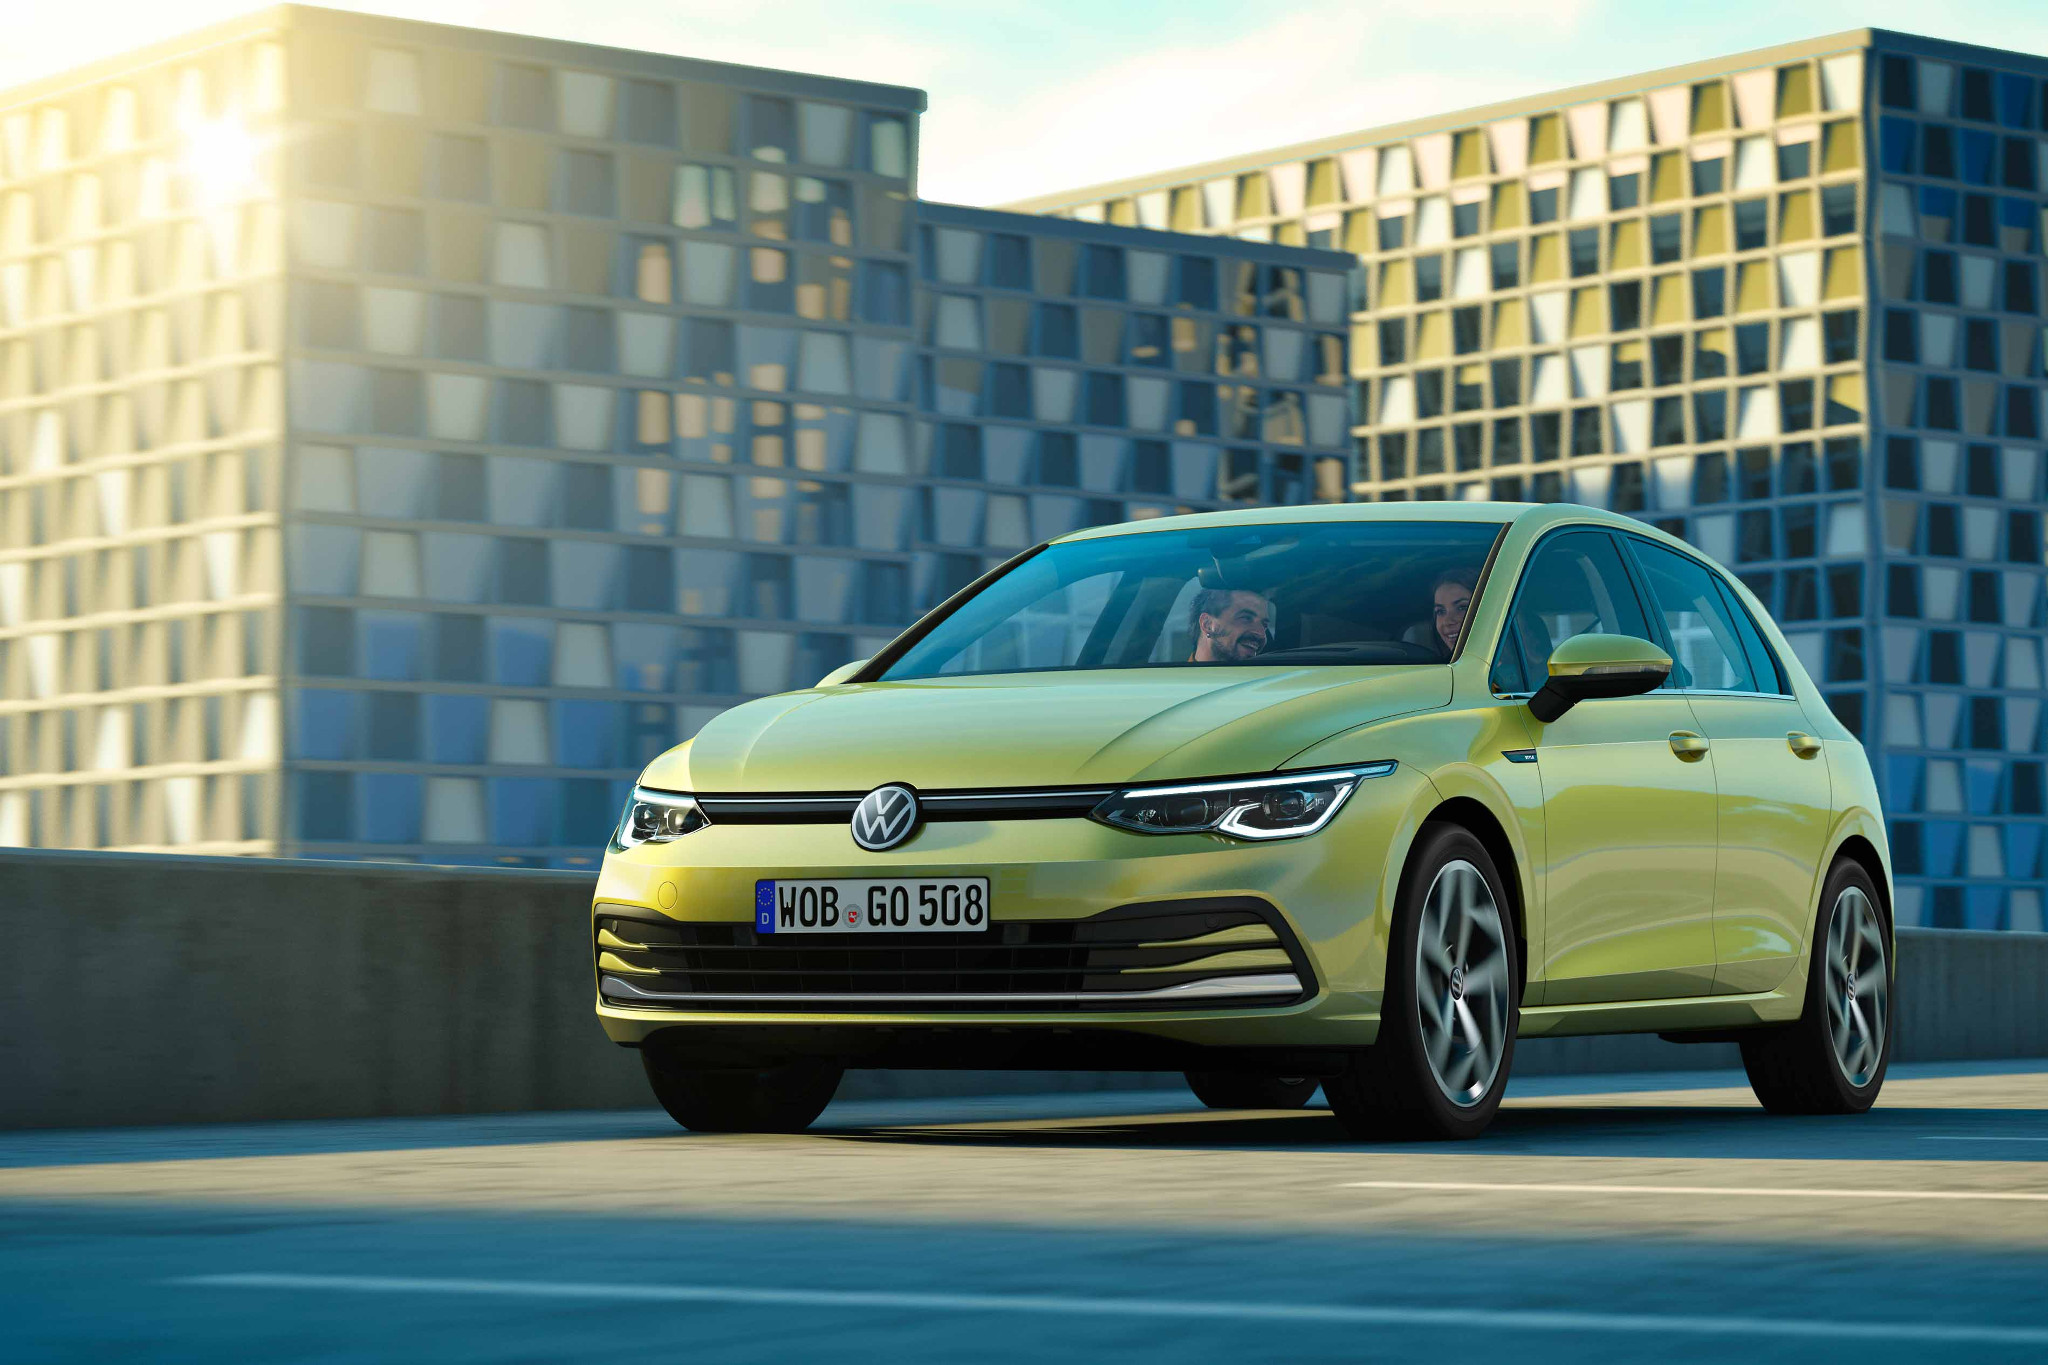 El VW Golf es el modelo del que más se habló en 2019